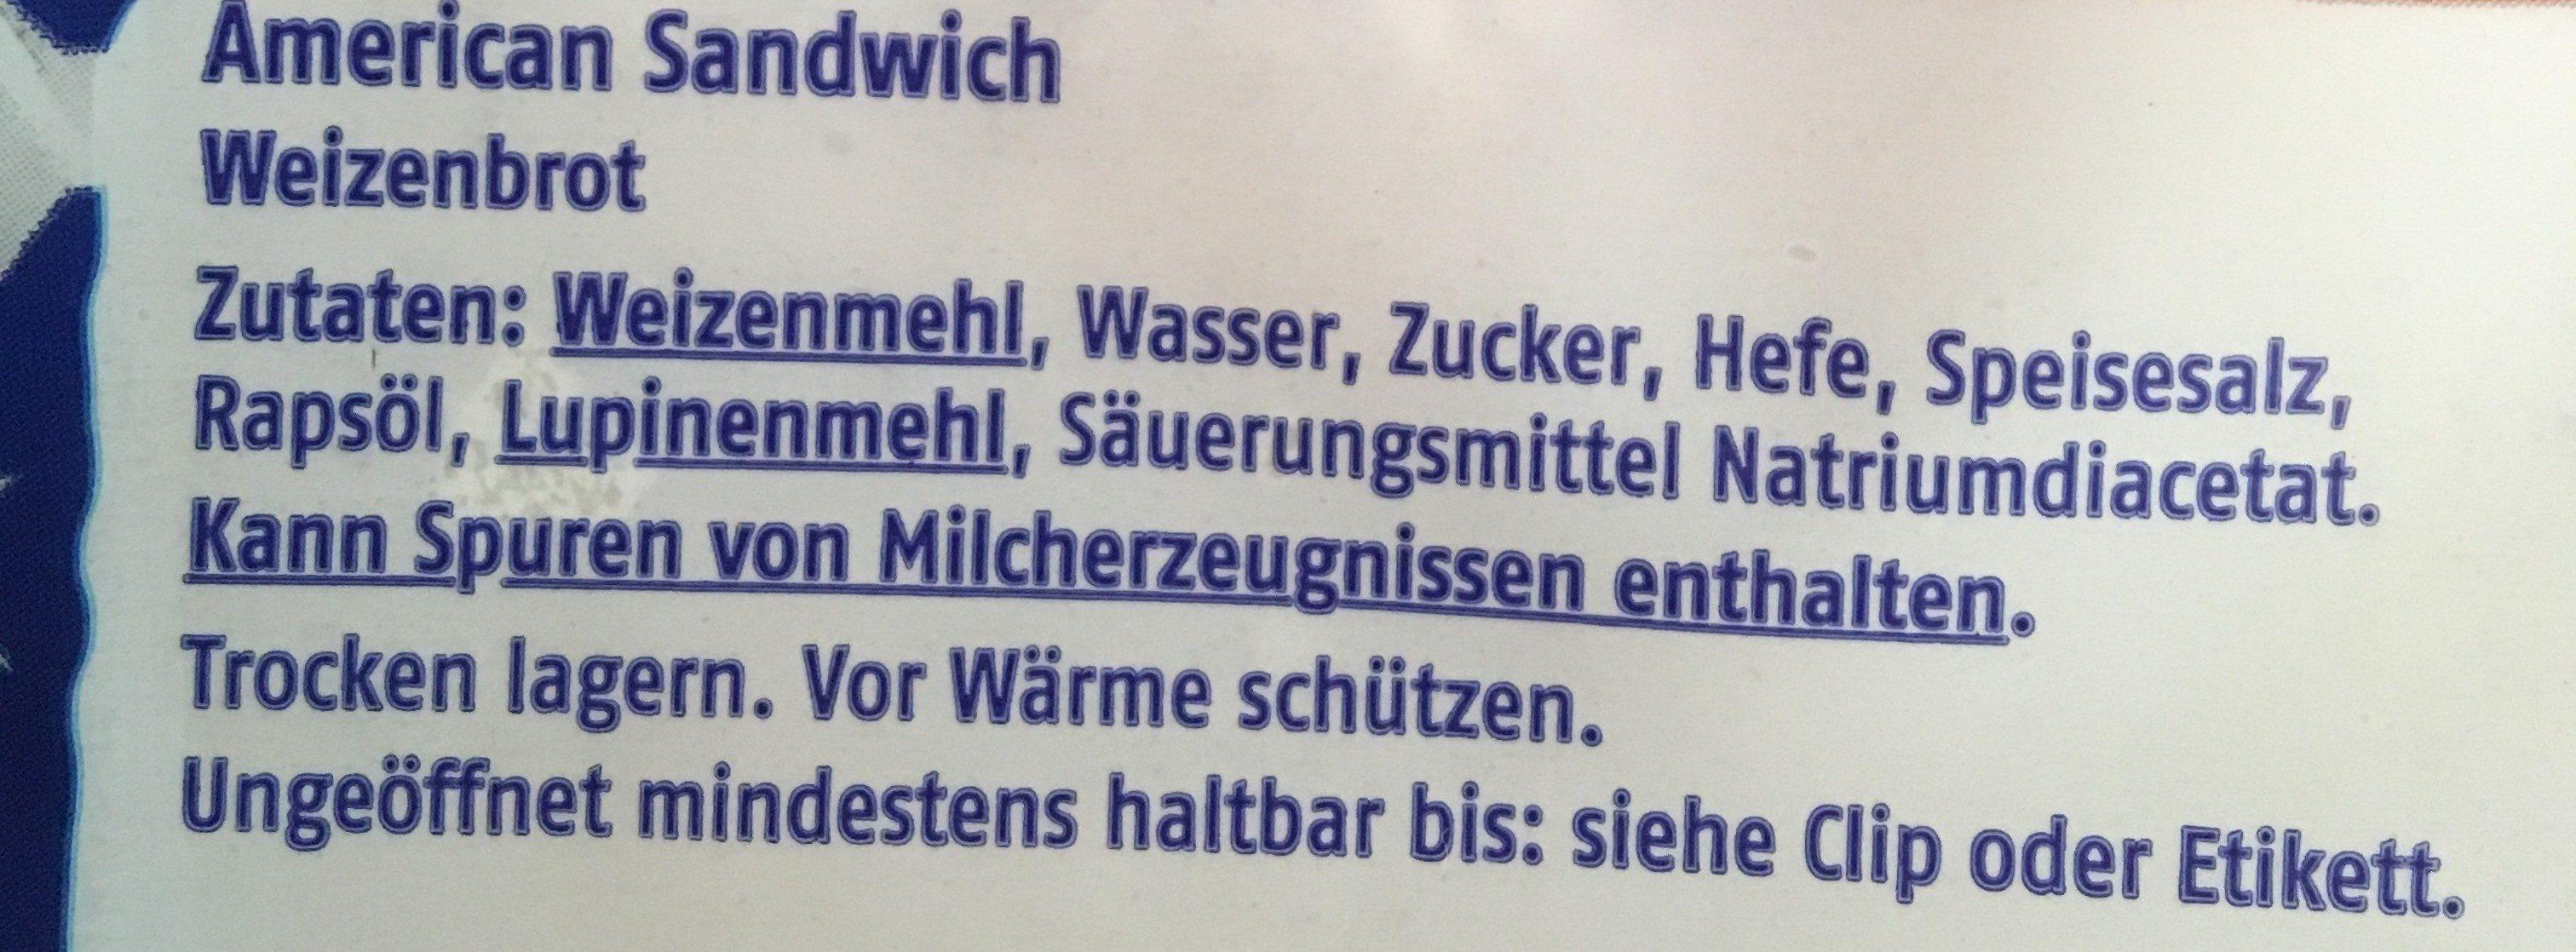 American Sandwich - Ingrediënten - de